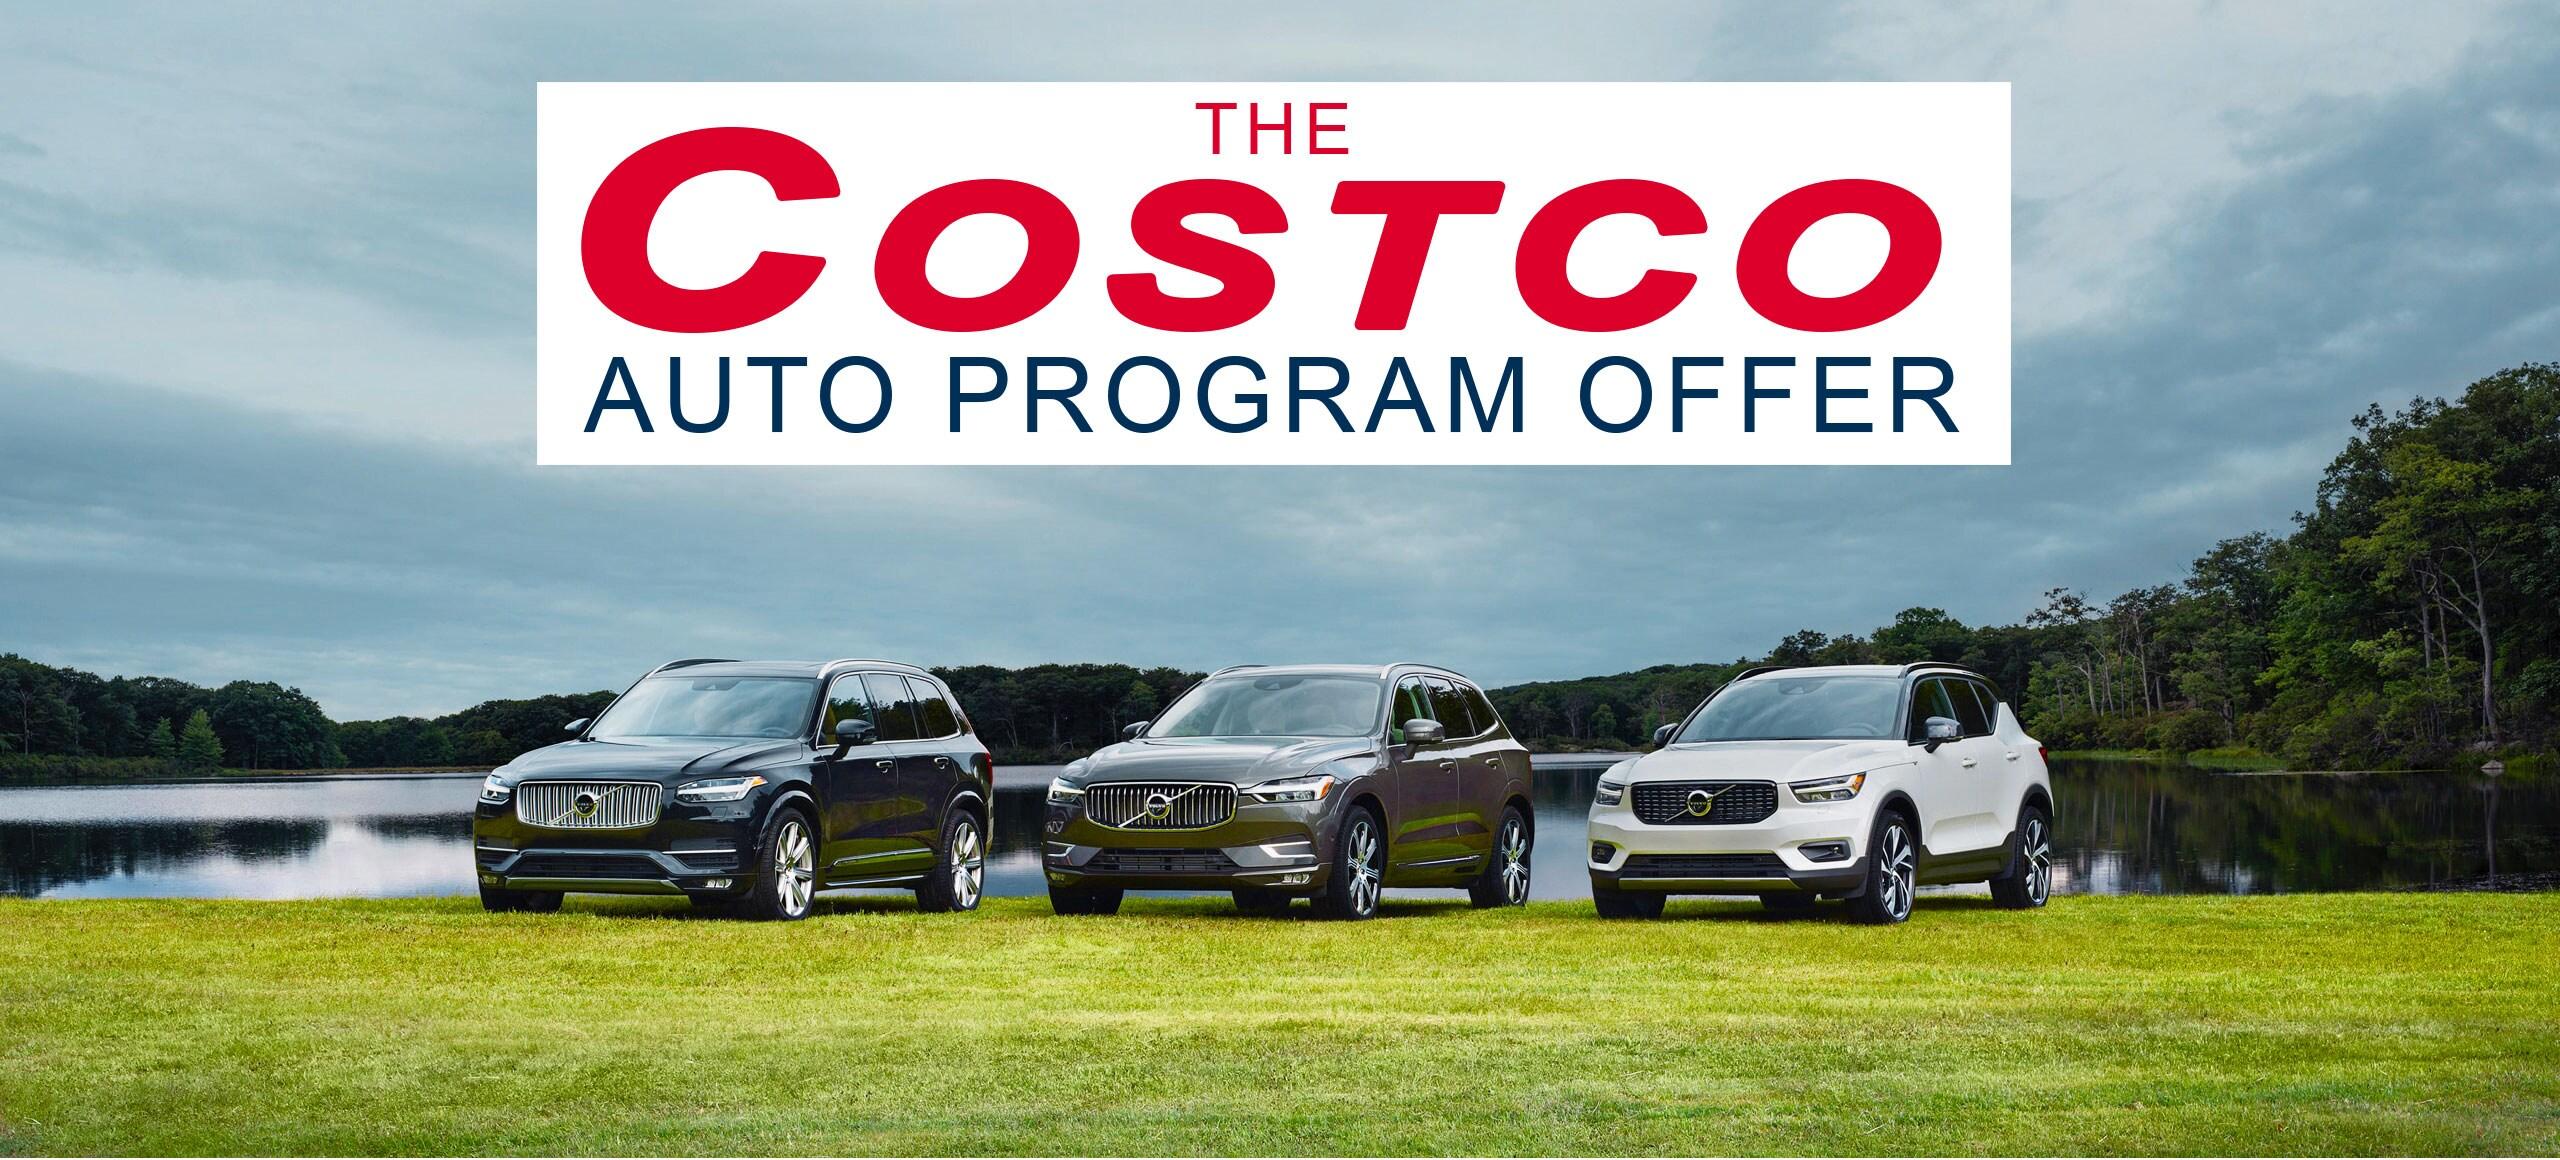 Costco Auto Program >> The Costco Auto Program Offer Volvo Cars Santa Monica